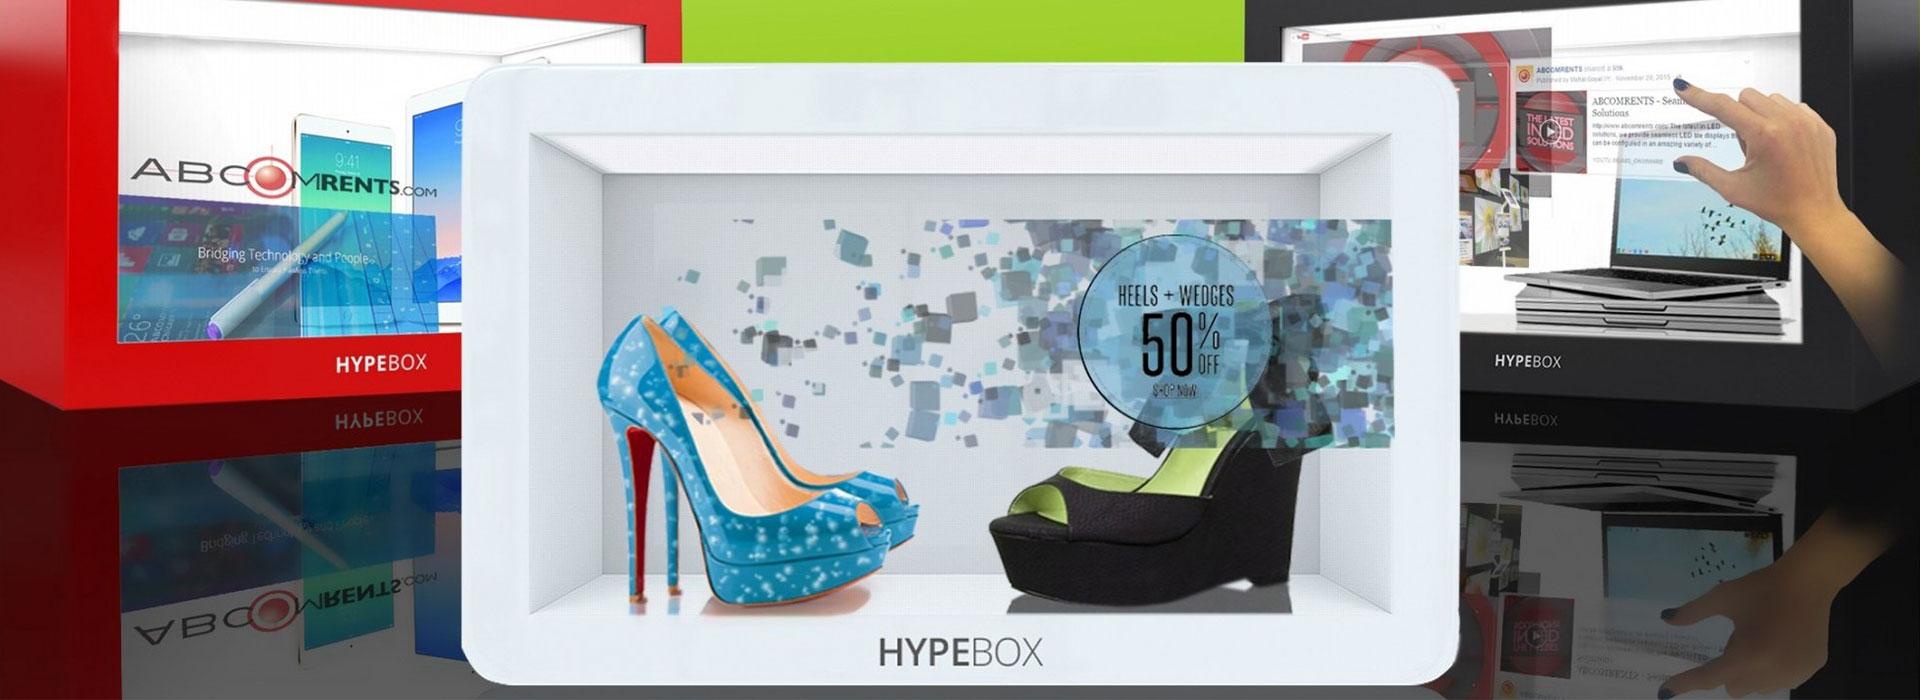 AbcomDSS hypebox banner